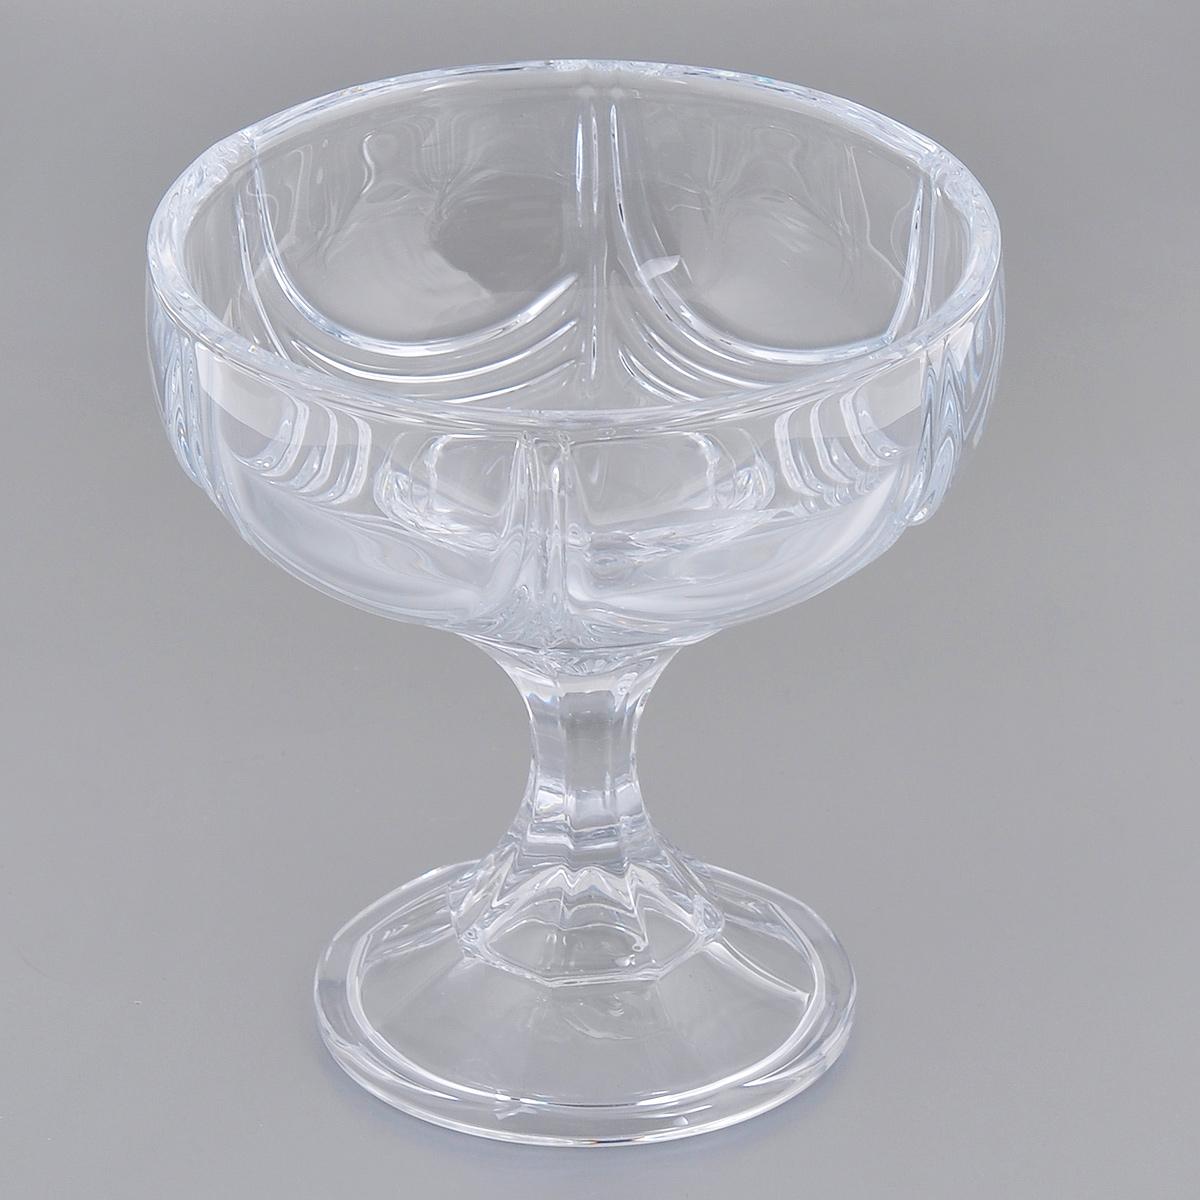 Конфетница на ножке Crystalite Bohemia Орион, высота 15 см59002/3/99001/150Конфетница на ножке Crystalite Bohemia Орион изготовлена из прочного утолщенного стекла кристалайт. Конфетница имеет оригинальную форму в виде чаши, что делает ее изящным украшением праздничного стола. Она красиво переливается и излучает приятный блеск. Изделие прекрасно подходит для сервировки конфет, пирожных и т.д.Конфетница на ножке Crystalite Bohemia Орион - это изысканное украшение праздничного стола, интерьера кухни или комнаты. Такая ваза станет желанным и стильным подарком. Можно использовать в посудомоечной машине и микроволновой печи.